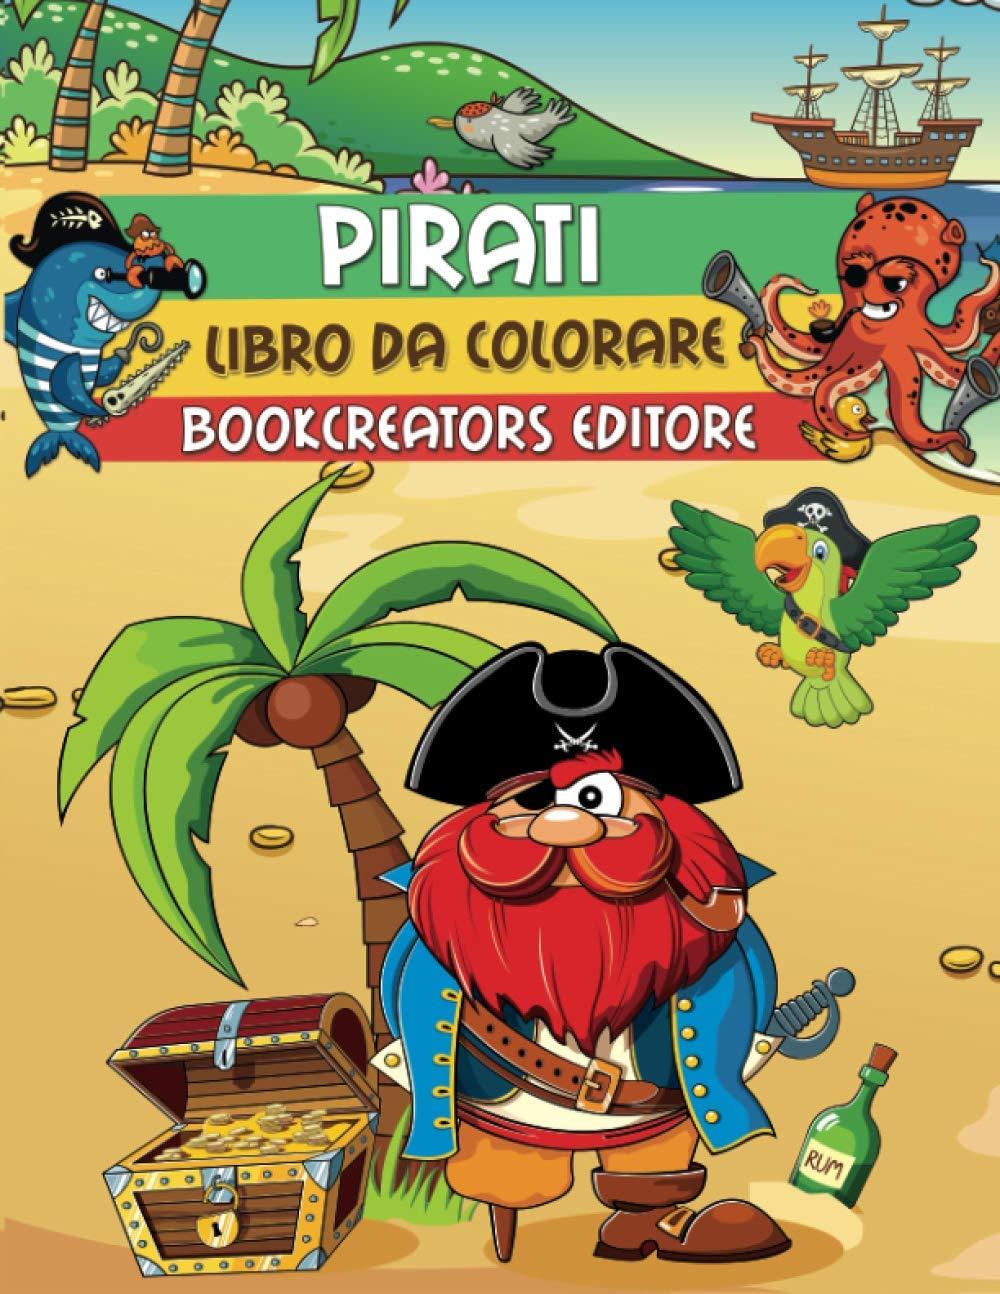 Pirati Libro Da Colorare Disegni Di Pirati Avventurieri Per Bambini Pirati Navi Sirene Pappagalli E Tanto Altro Italian Edition Editore Bookcreators 9781093944037 Amazon Com Books